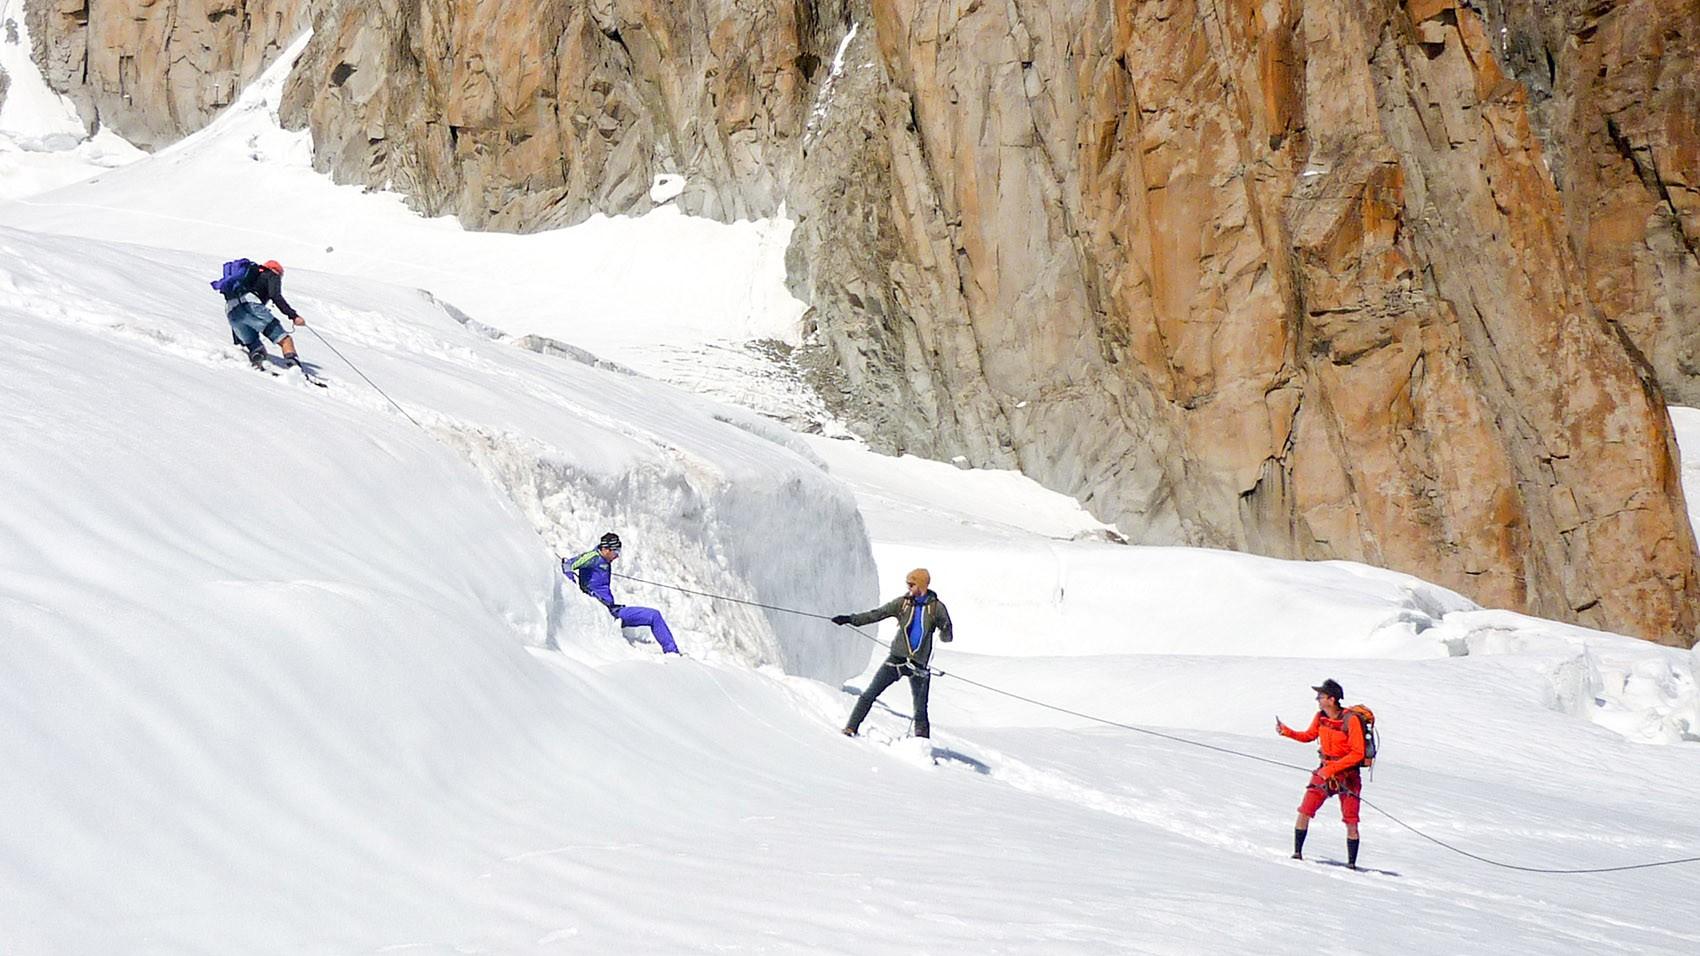 Technique franchissement crevasse Vallée Blanche